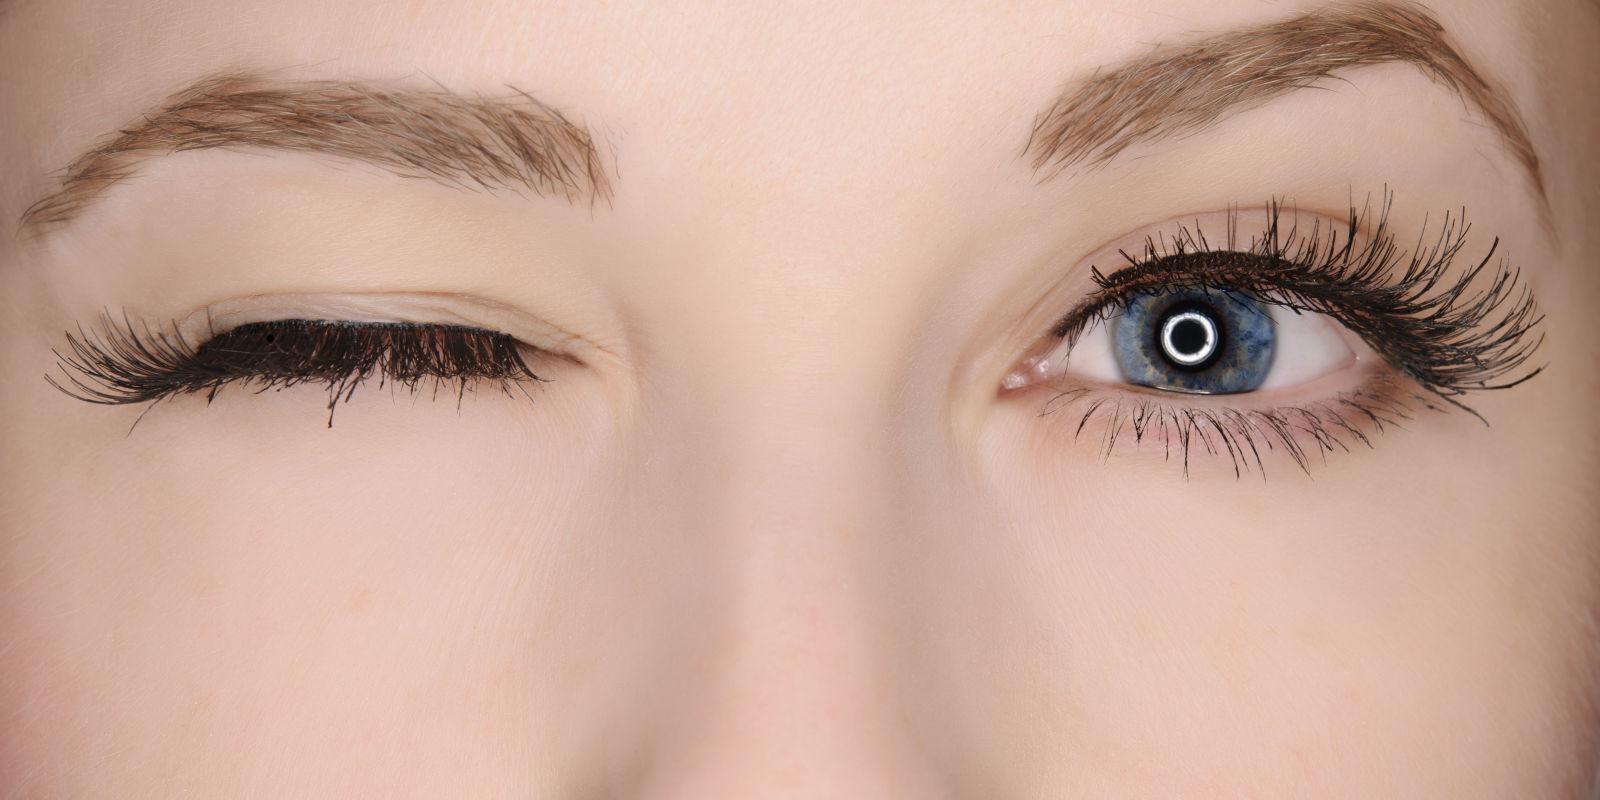 Eyelashes Tips And Tricks Best Products For Eyelashes